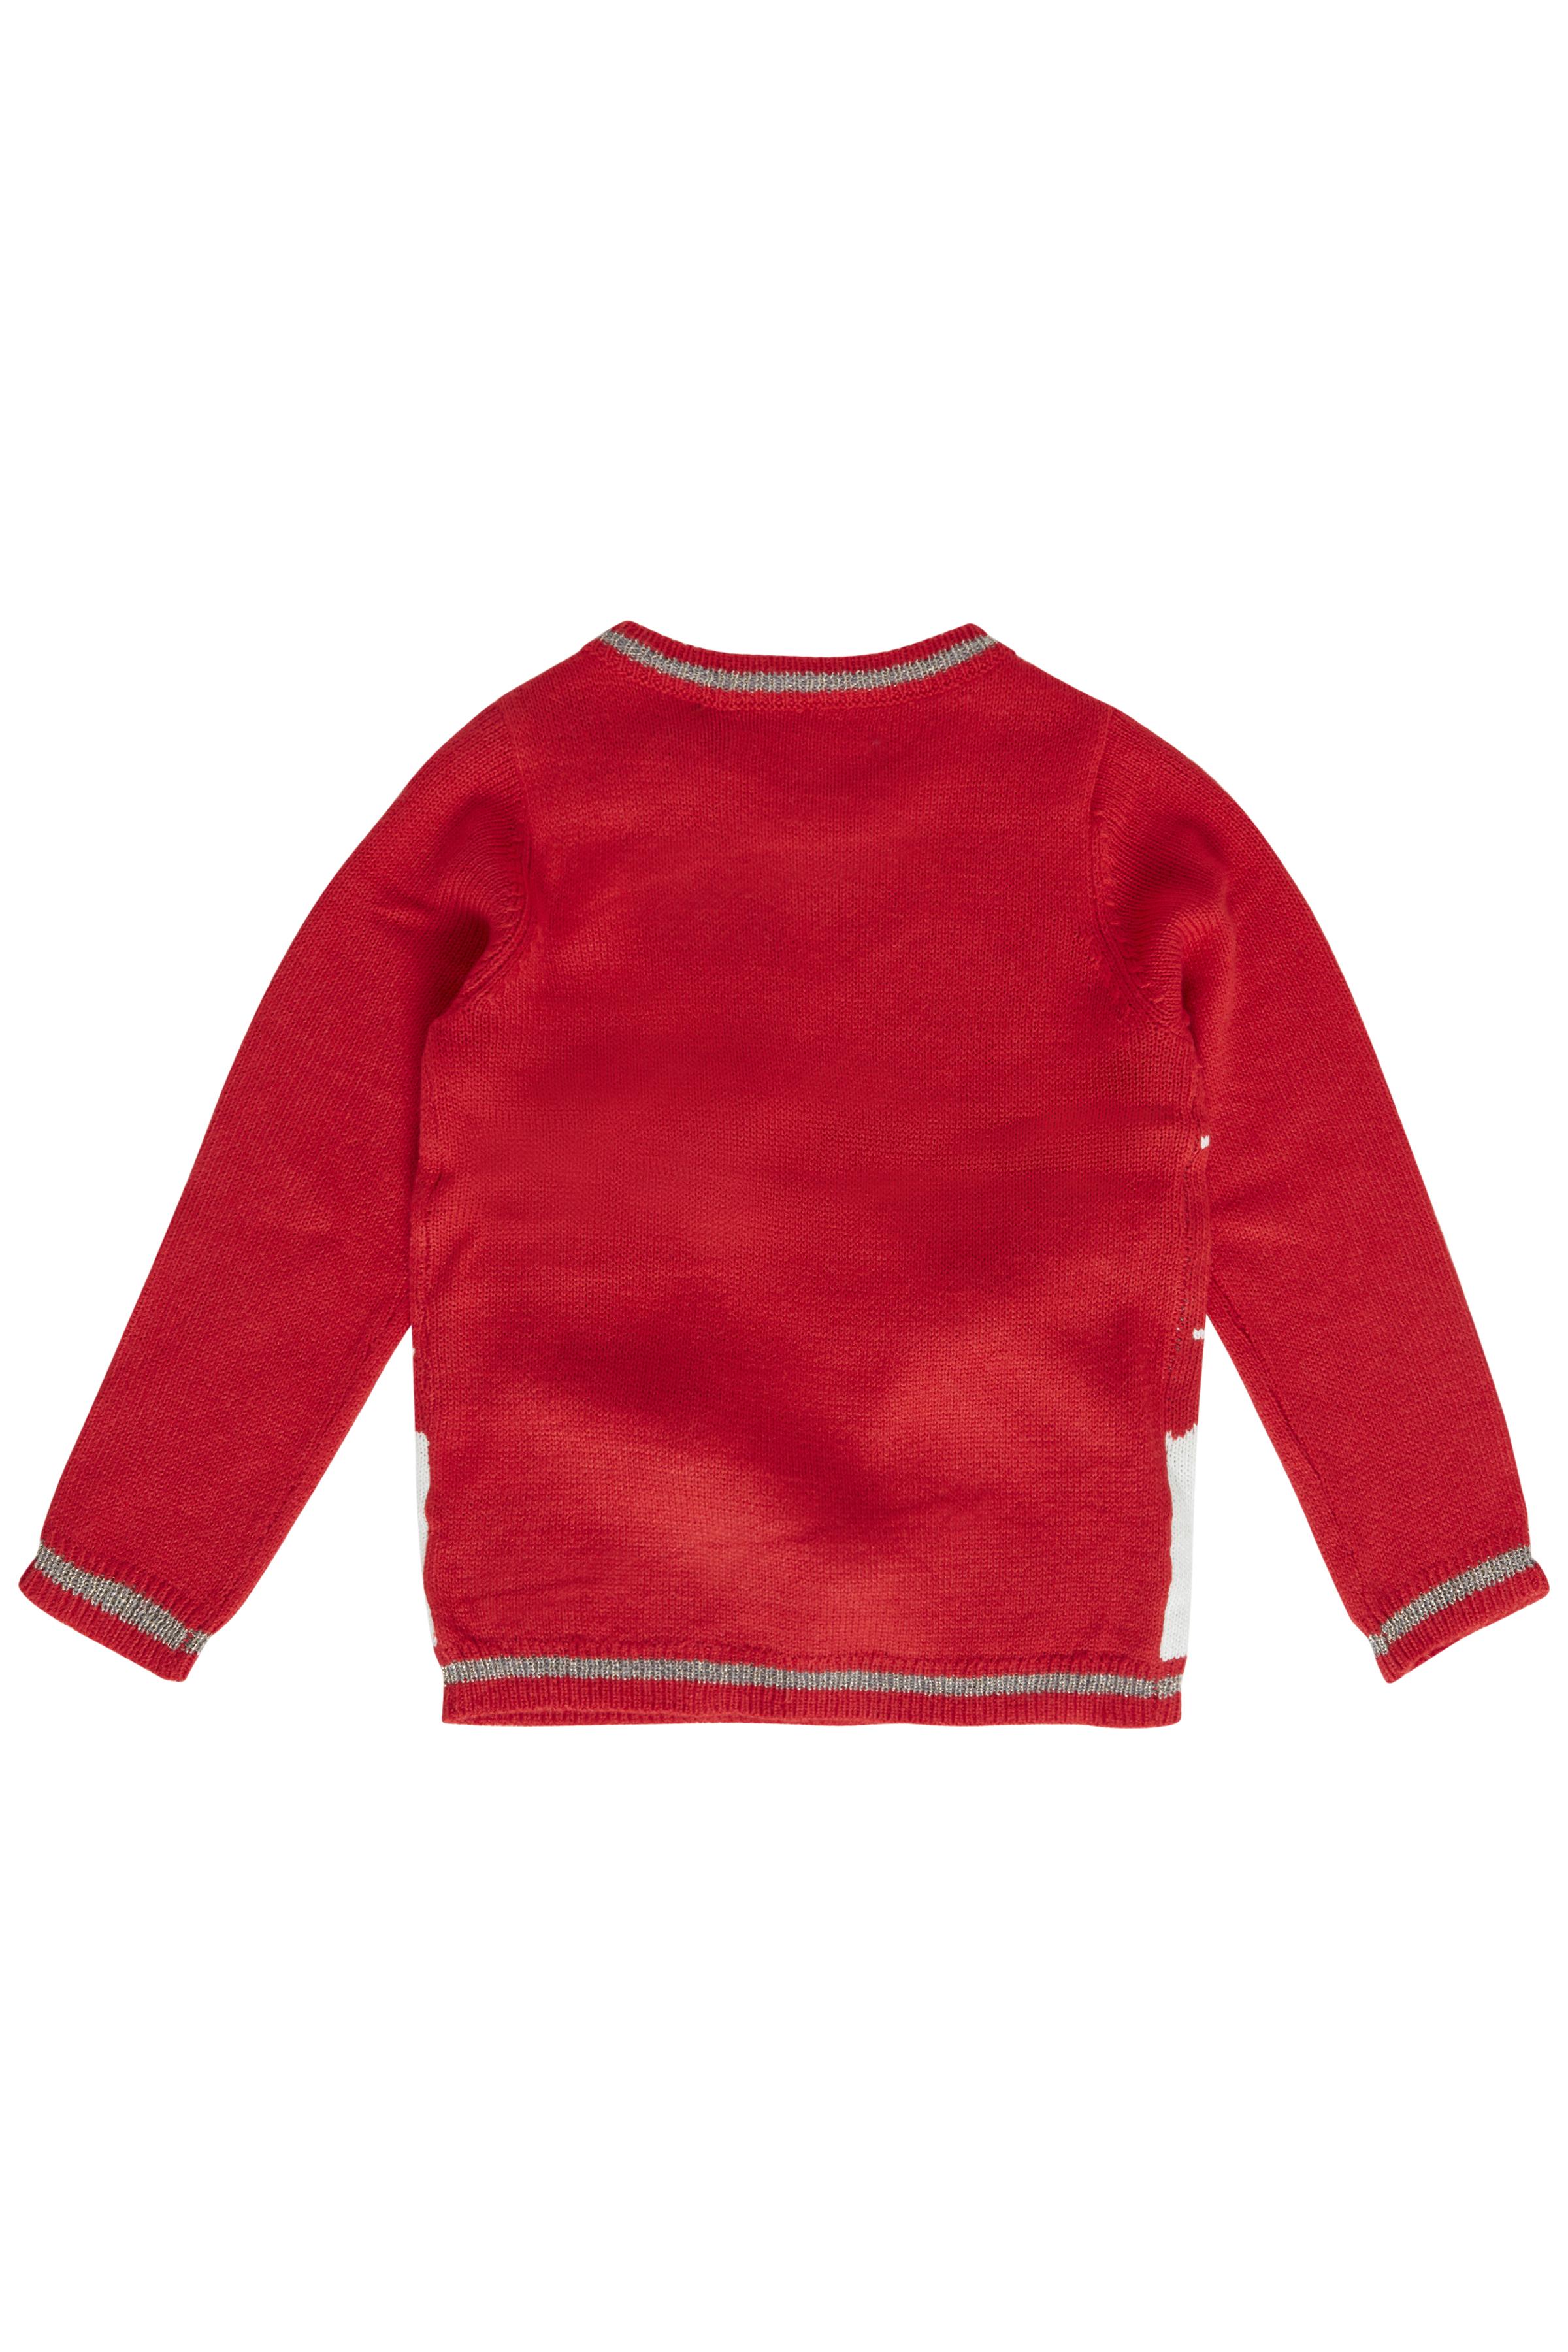 Chinese Red combi 3 Pullover van b.young – Koop Chinese Red combi 3 Pullover hier van size 92-134/140